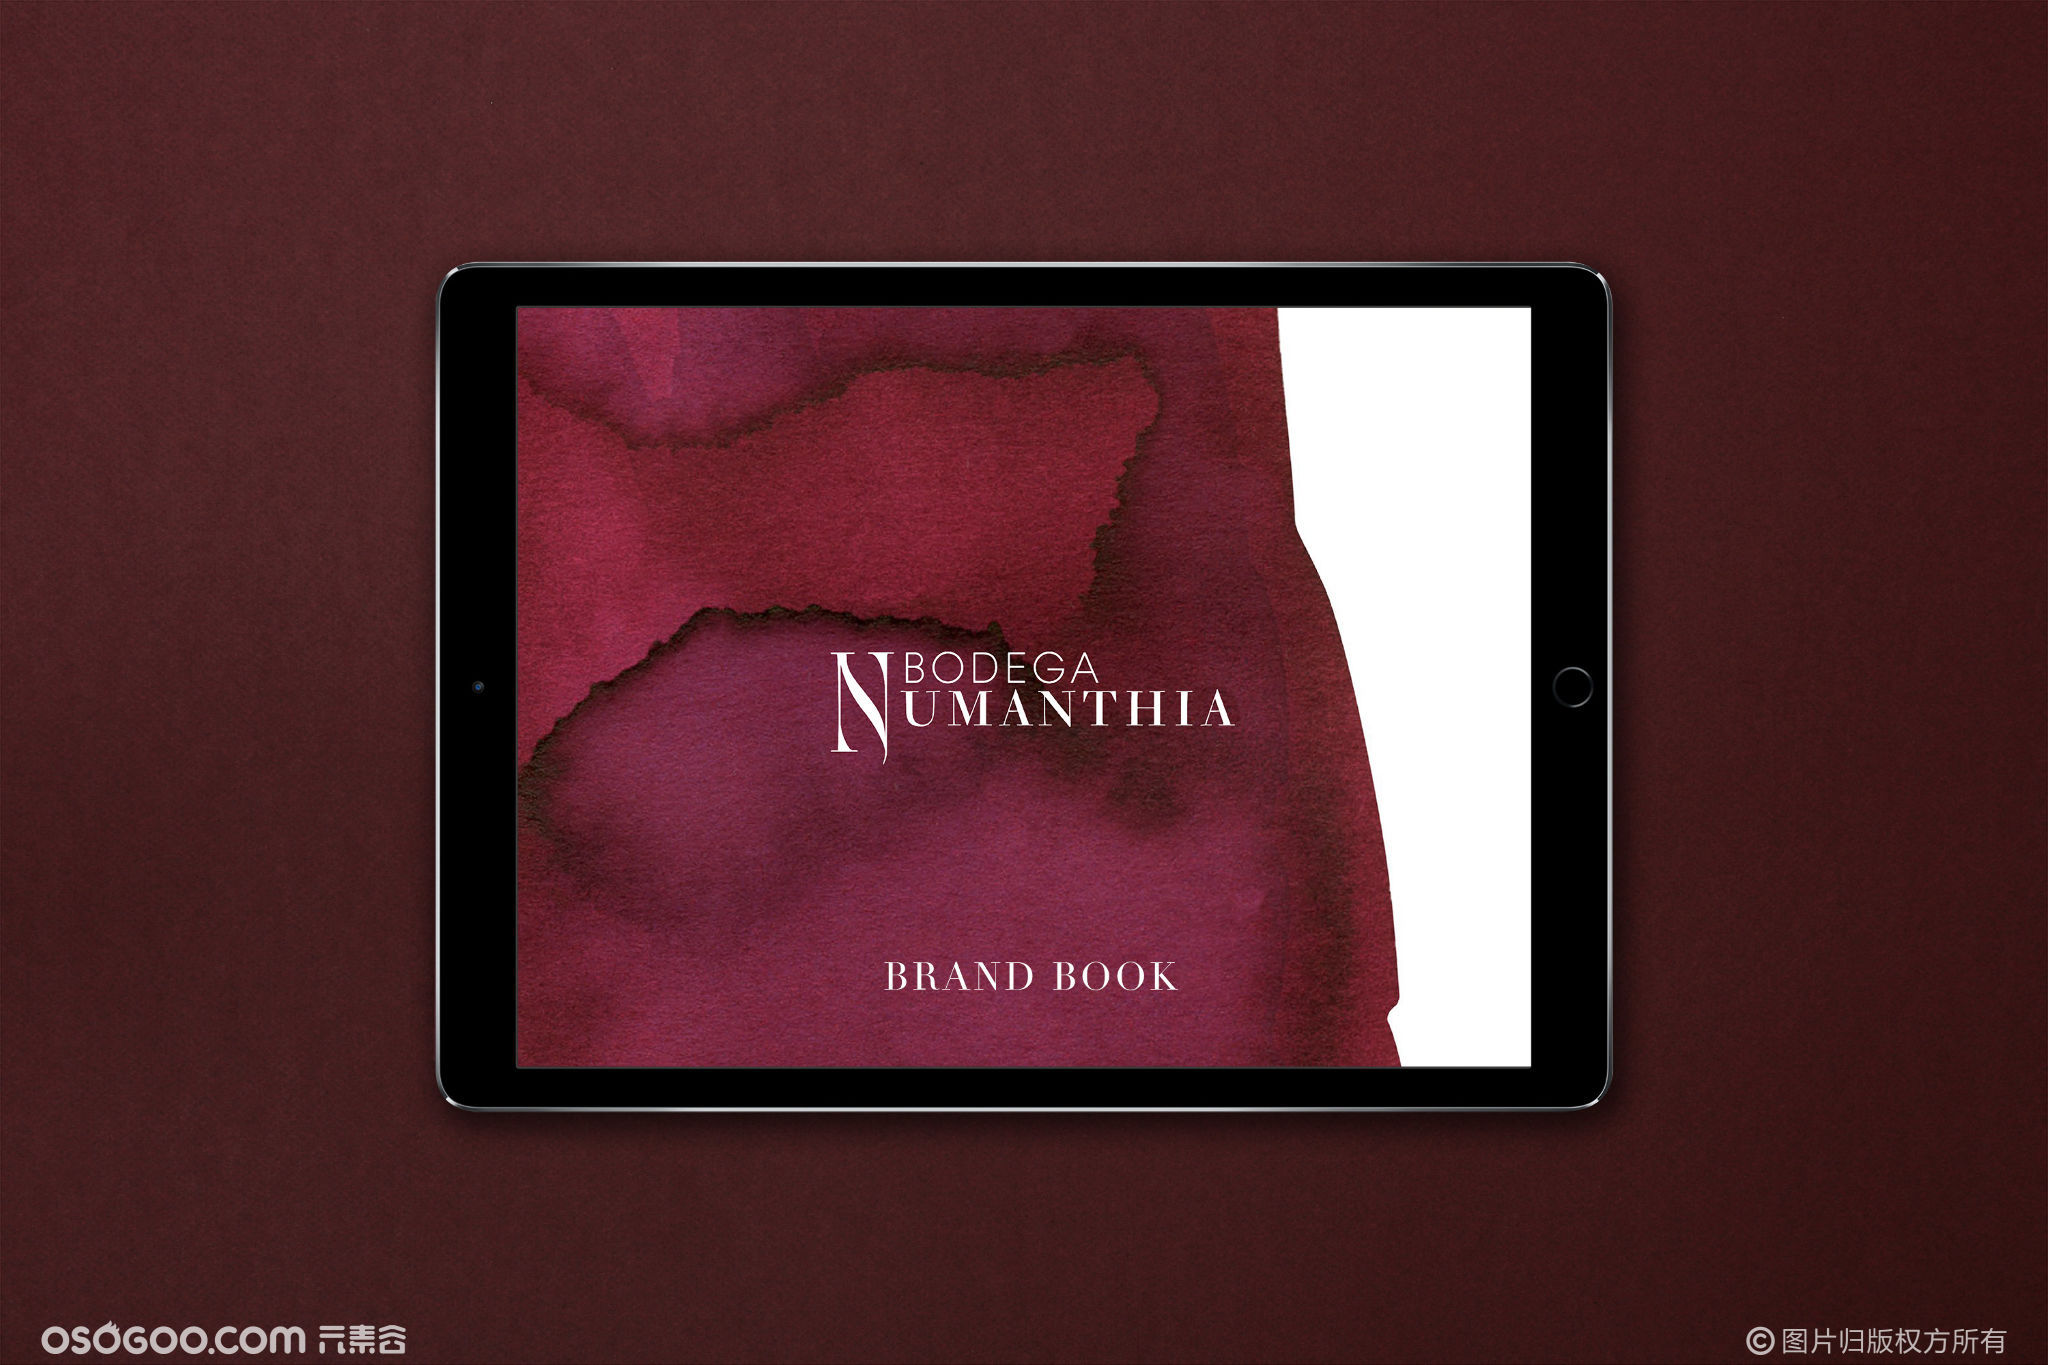 努曼西亚酒庄平面设计